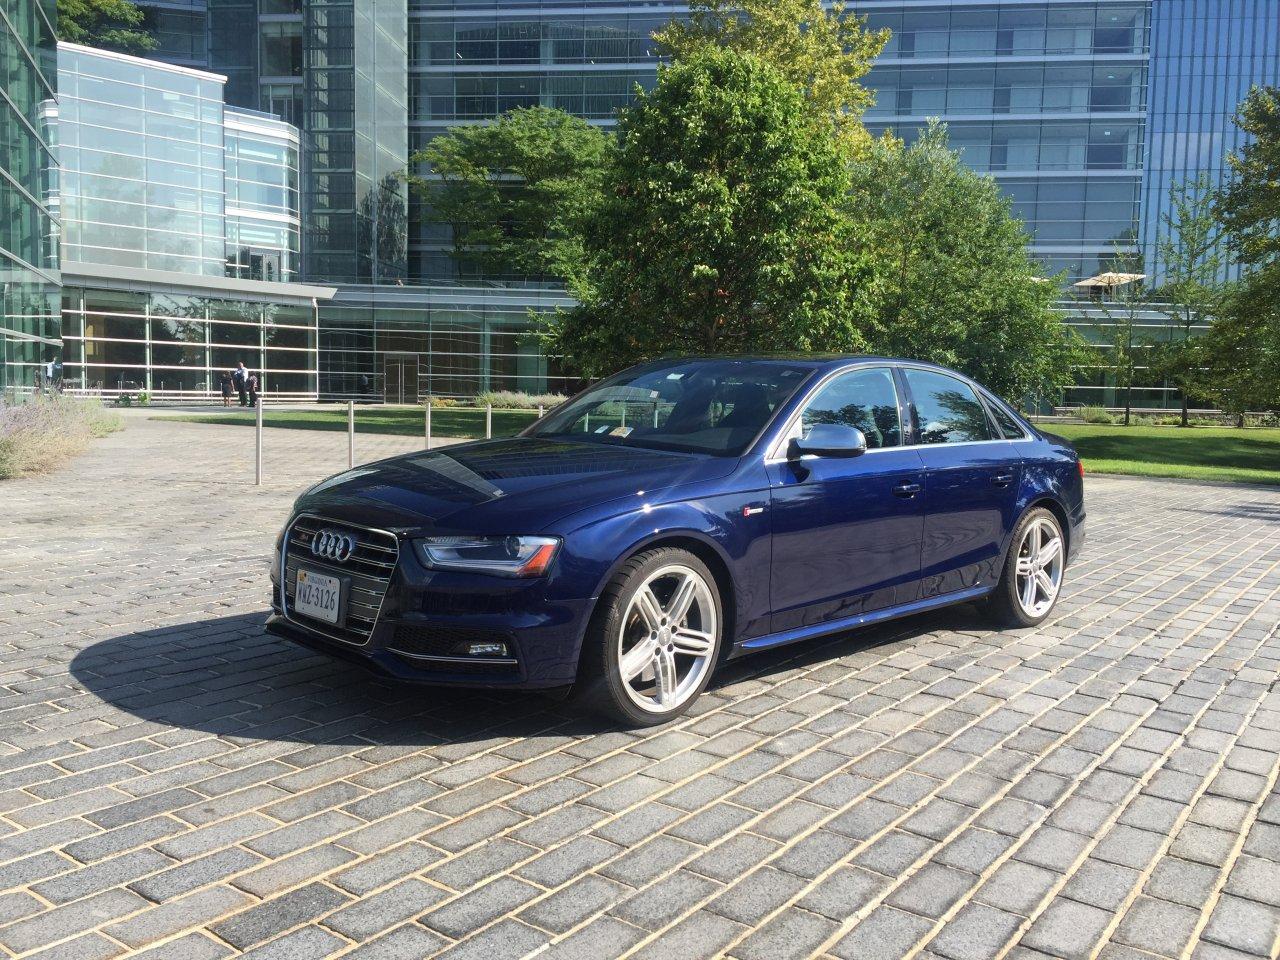 For Sale - 2014 Audi S4 6-Speed in VA | IH8MUD Forum